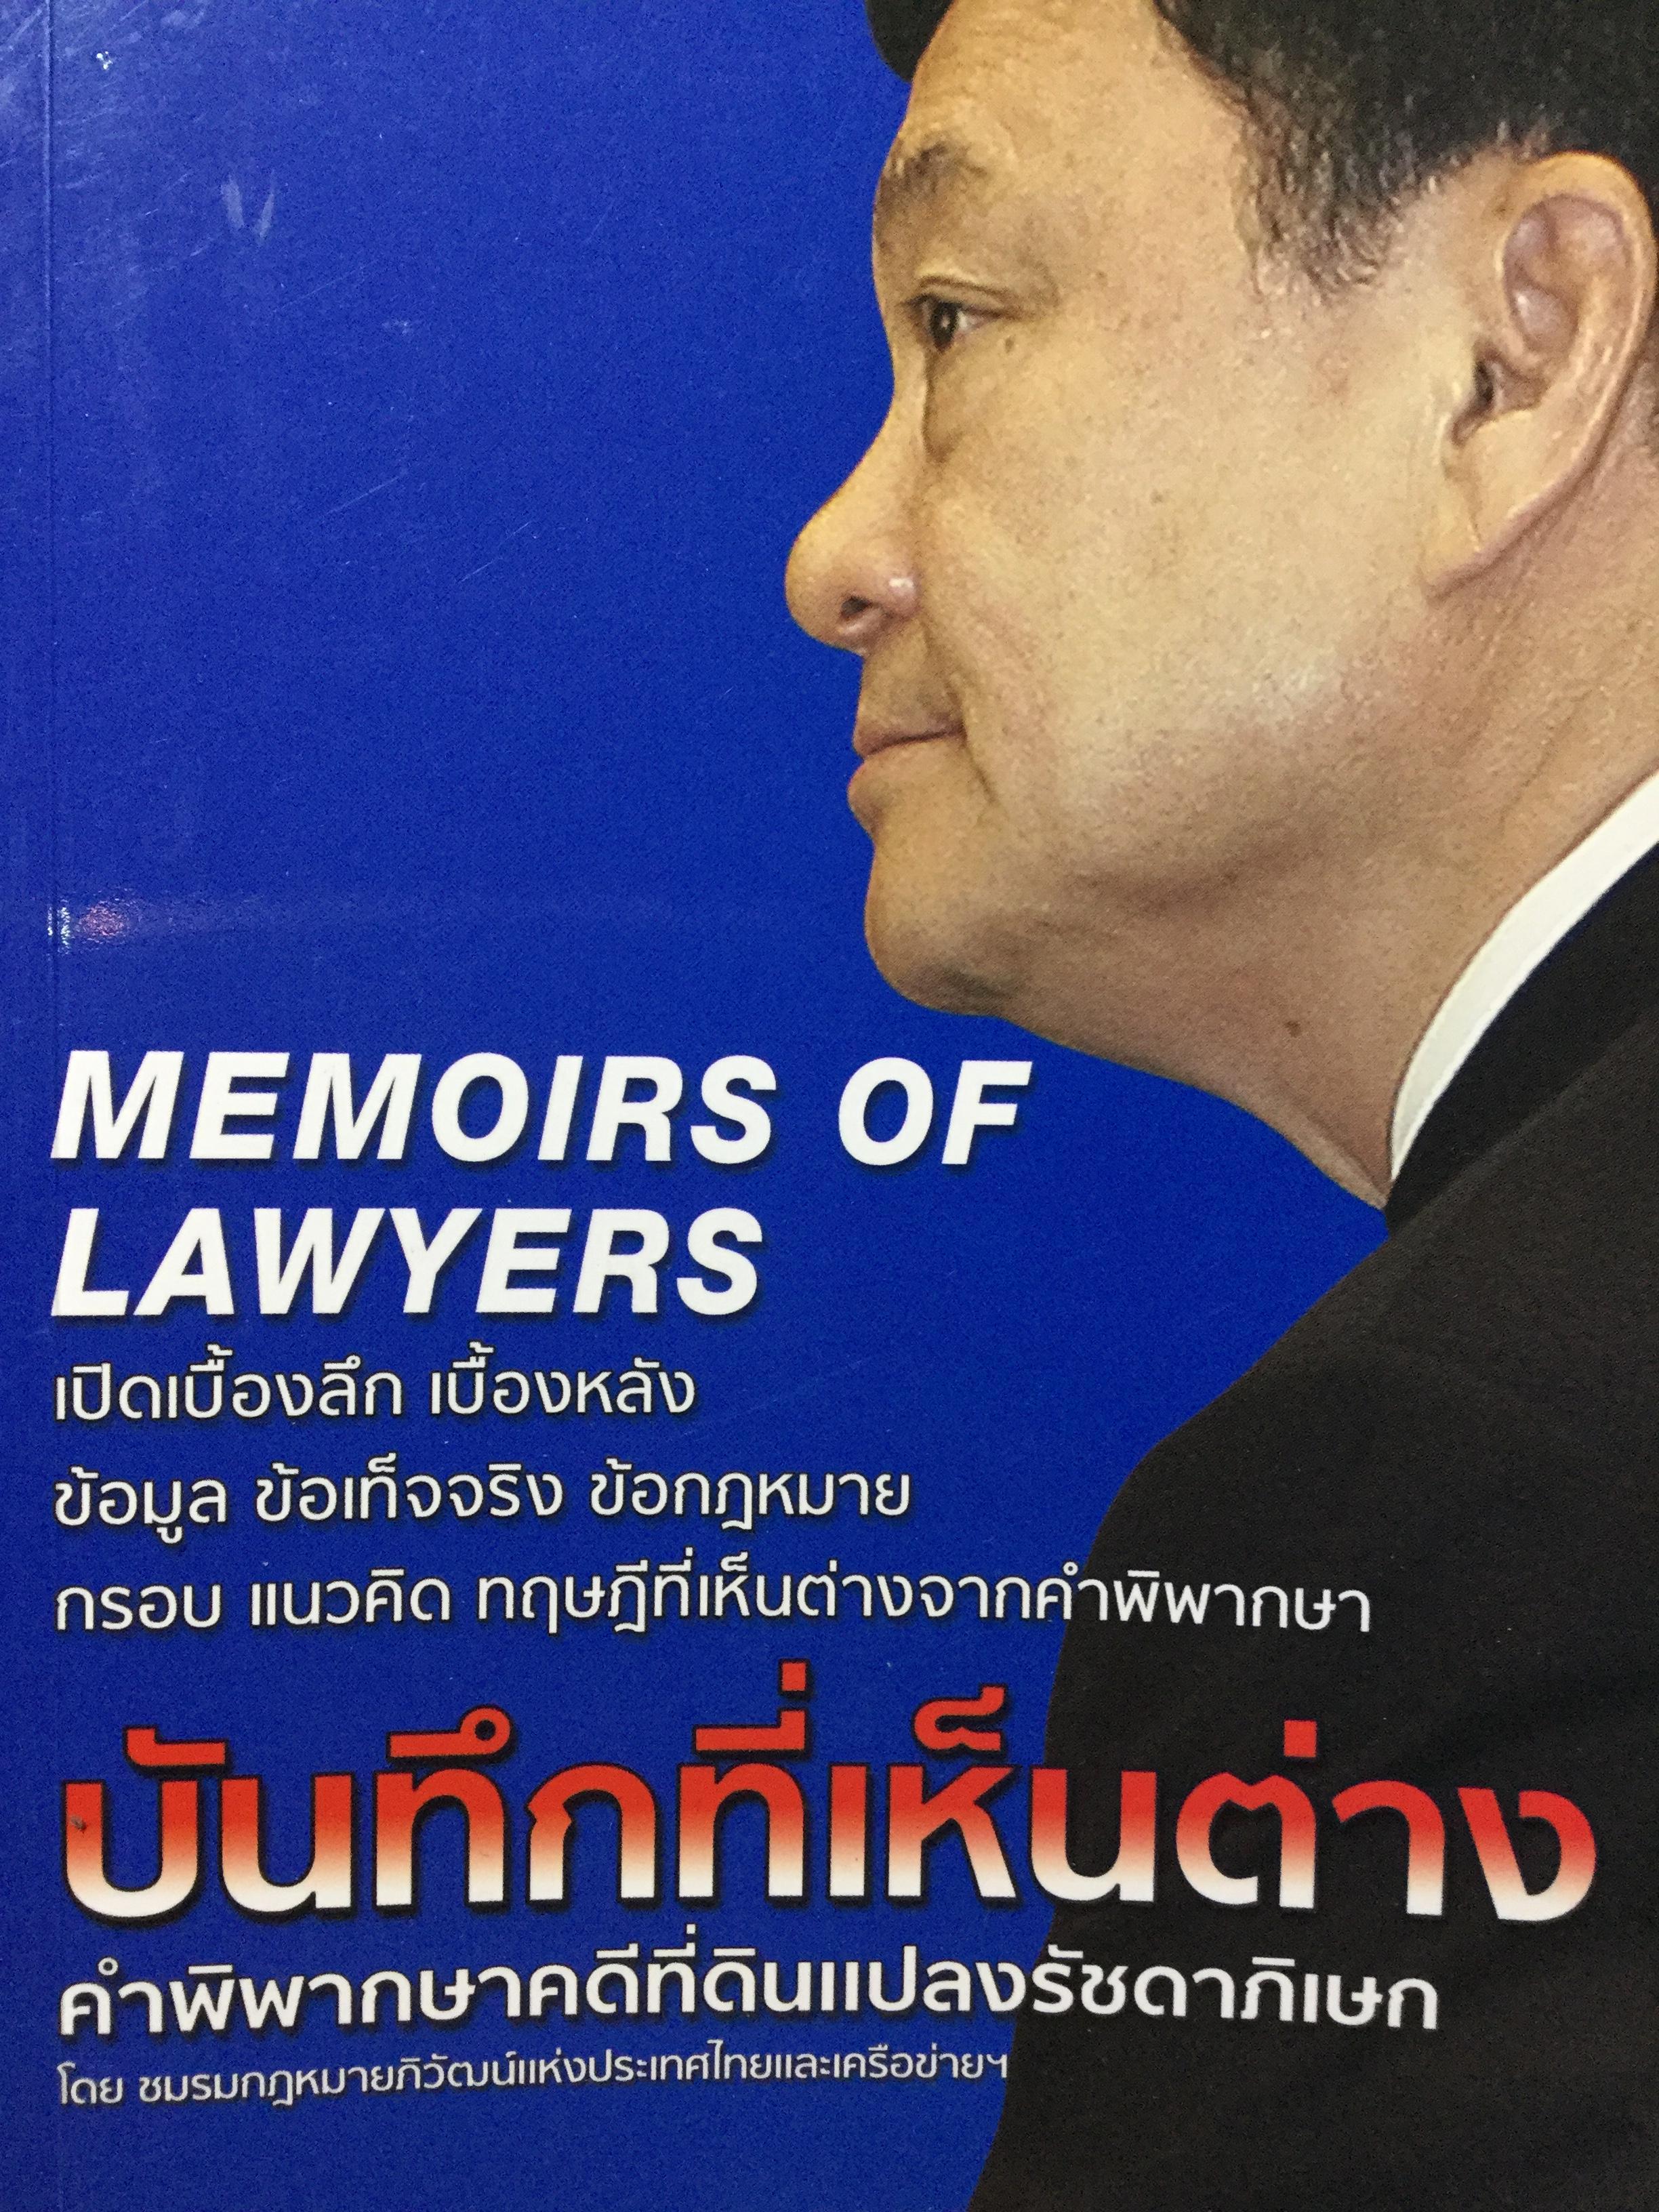 บันทึกที่เห็นต่าง คำพิพากษาคดีที่ดินแปลงรัชดาภิเษก Memories of Lawyers เปิดเบื้องลึก เบื้องหลัง ข้อมูล ข้อเท็จจริง ข้อกฎหมาย กรอบ แนวคิด ทฤษฎีที่เห็นต่างจากคำพิพากษา